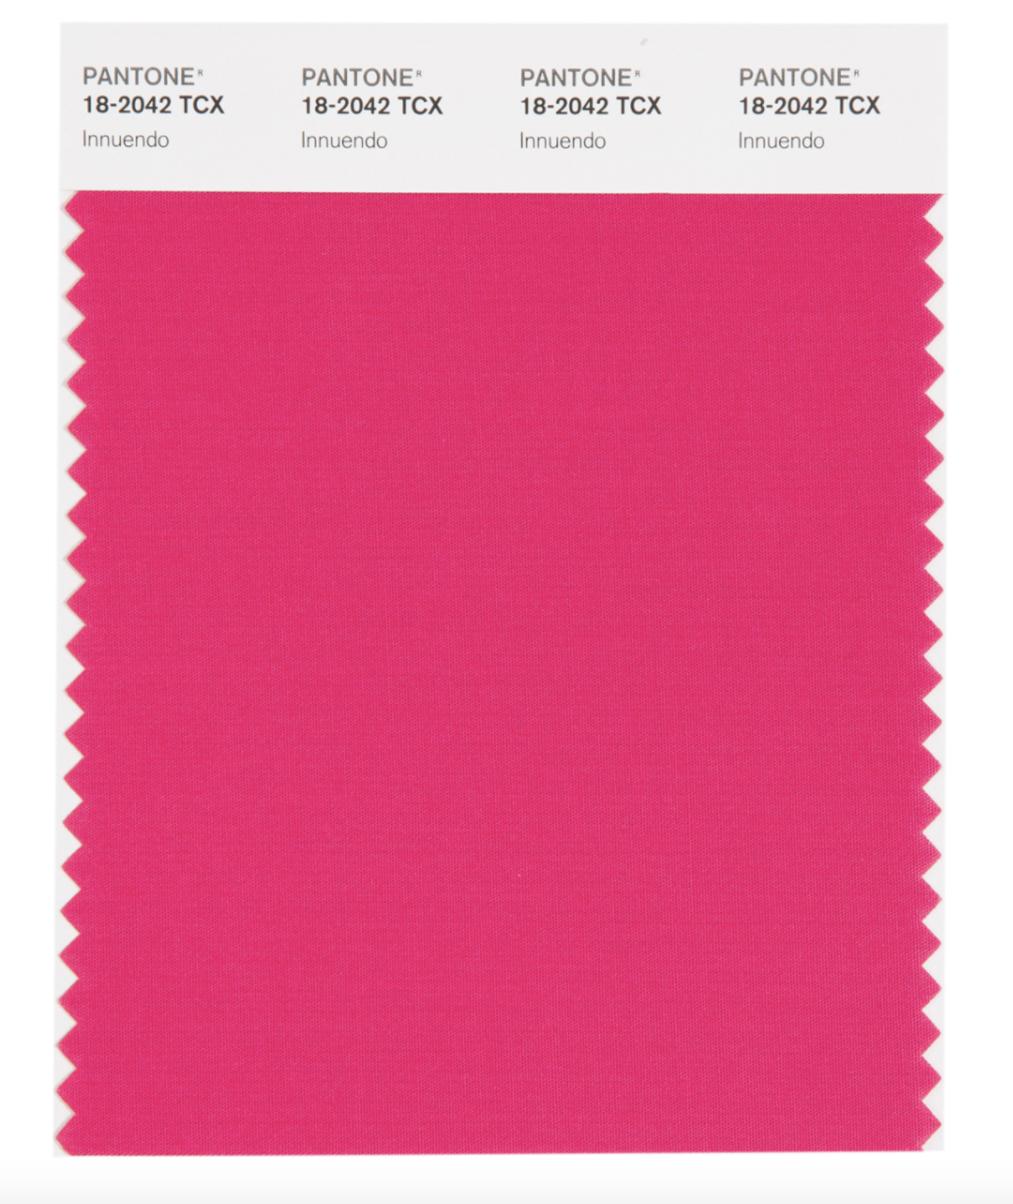 Институт Pantone представил главные цвета весны 2022 года (ФОТО) - фото №1